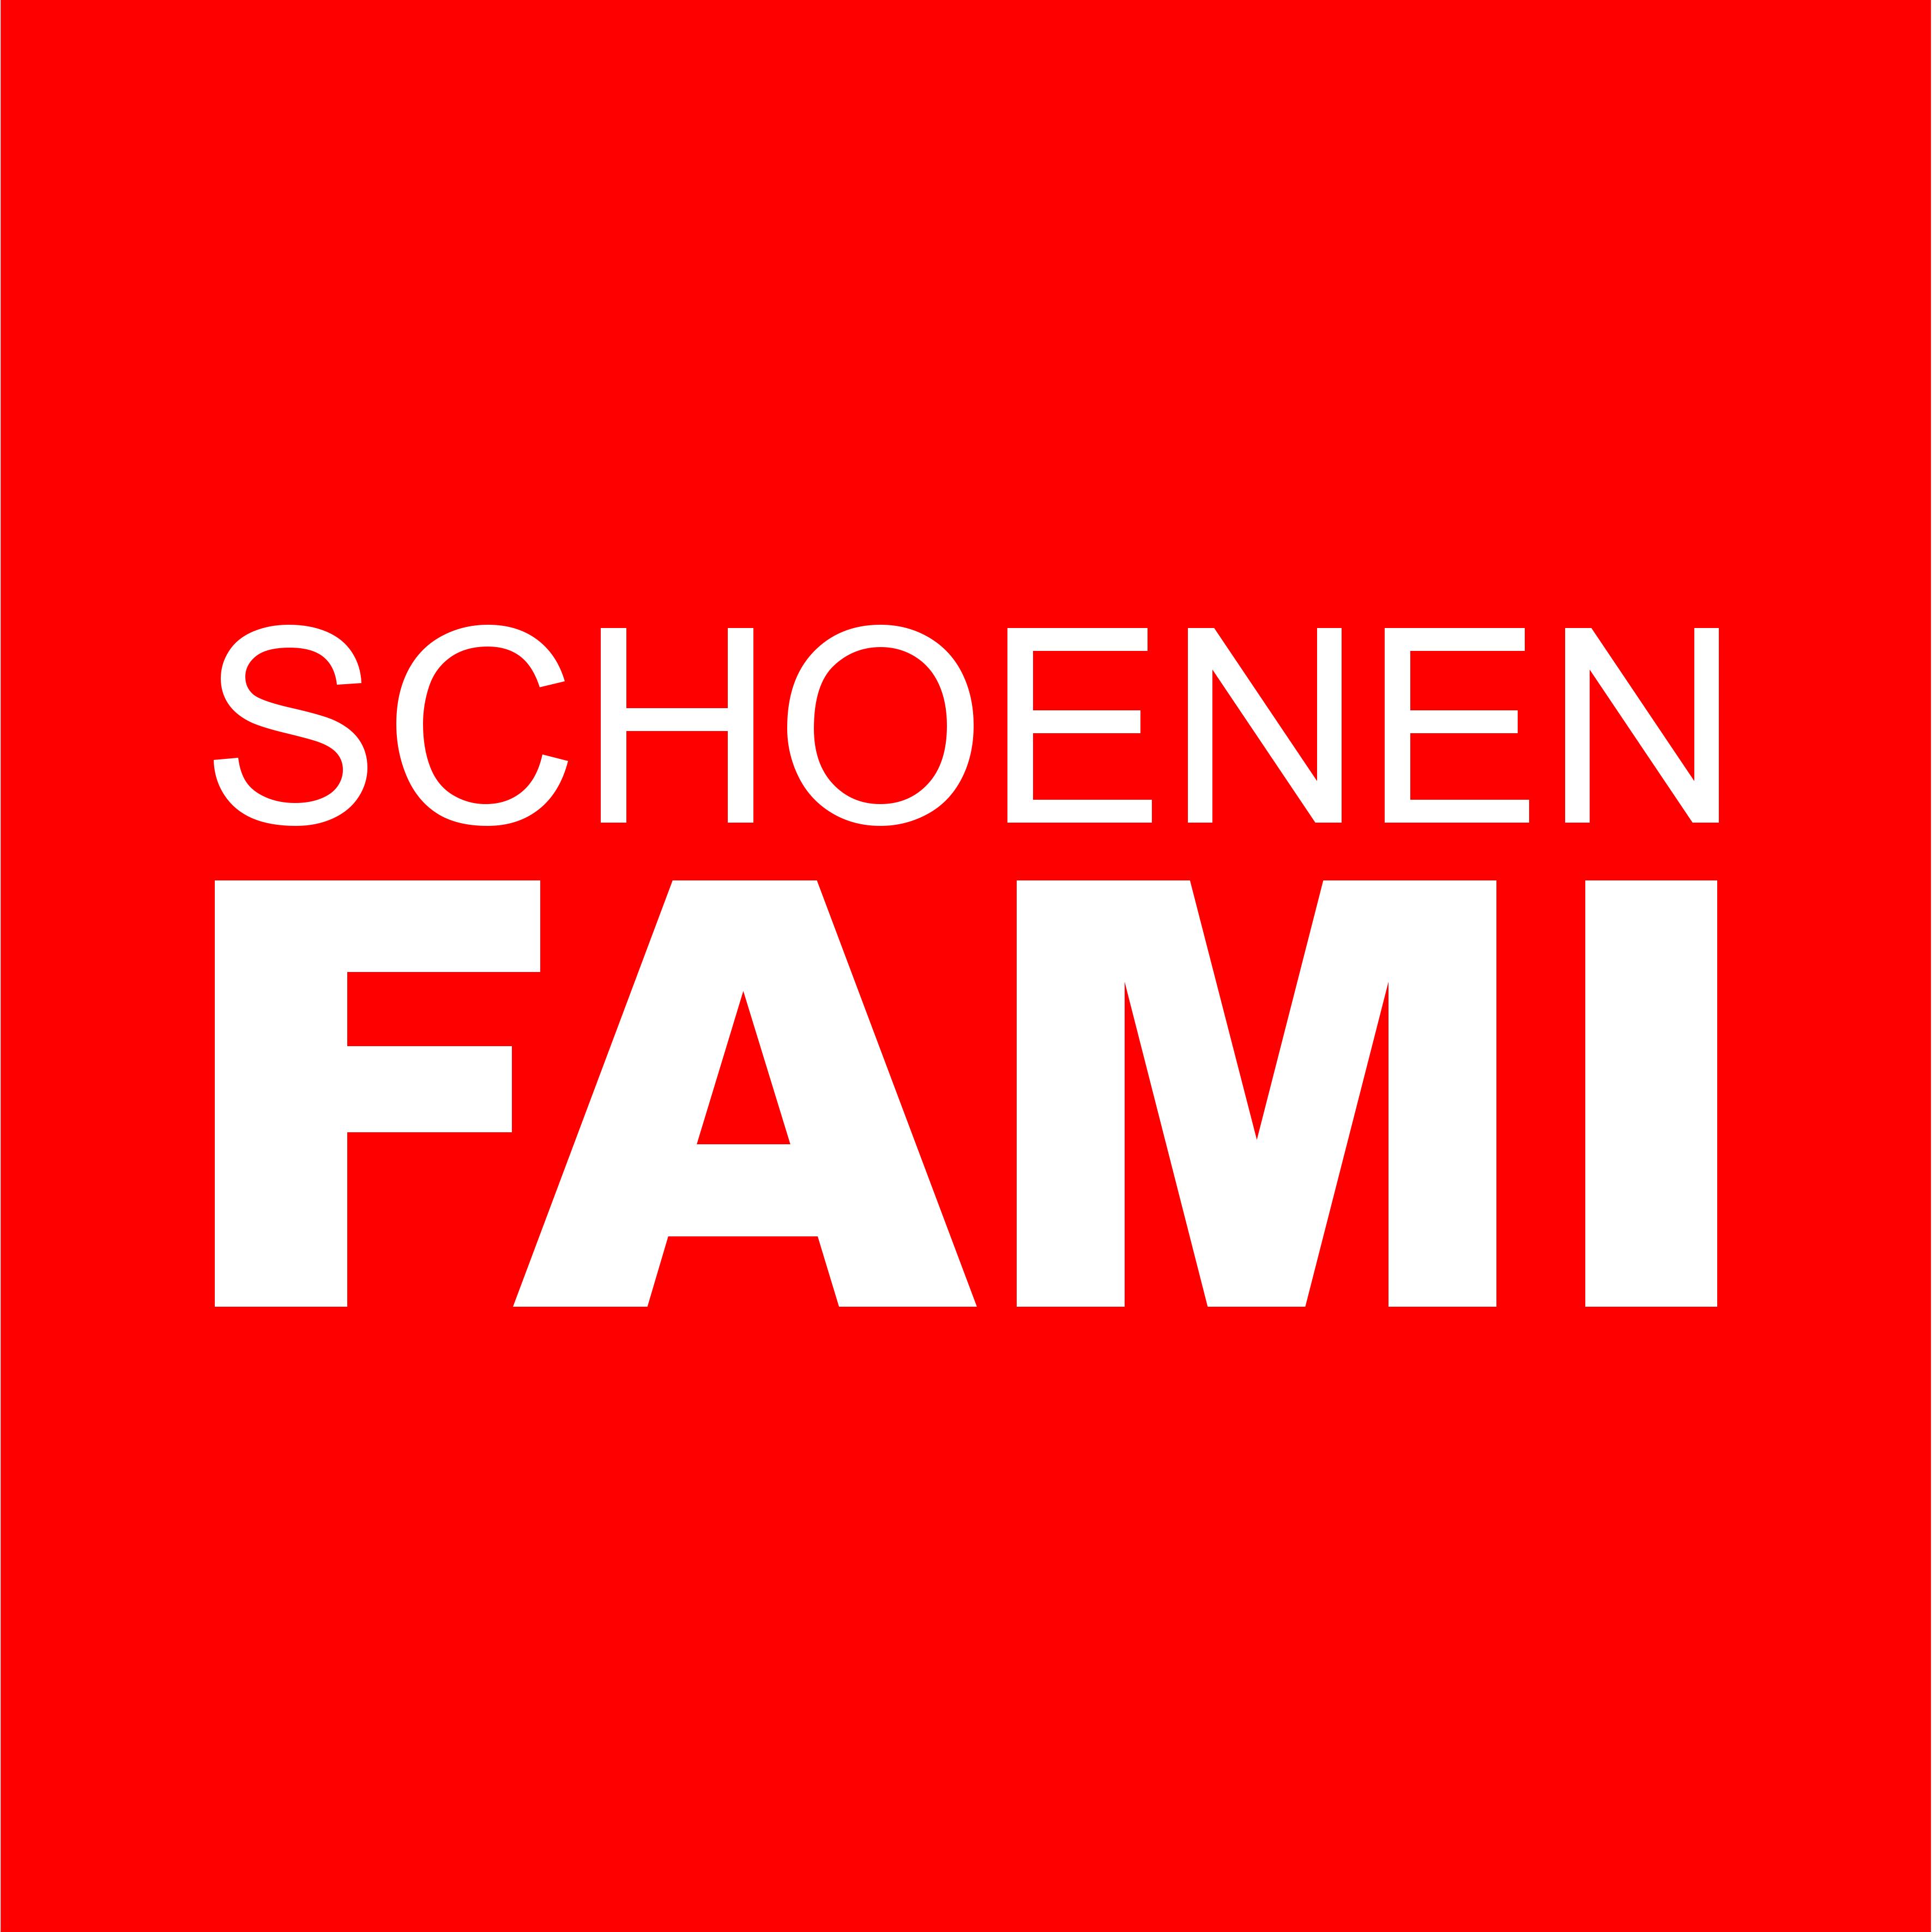 Schoenen Fami logo